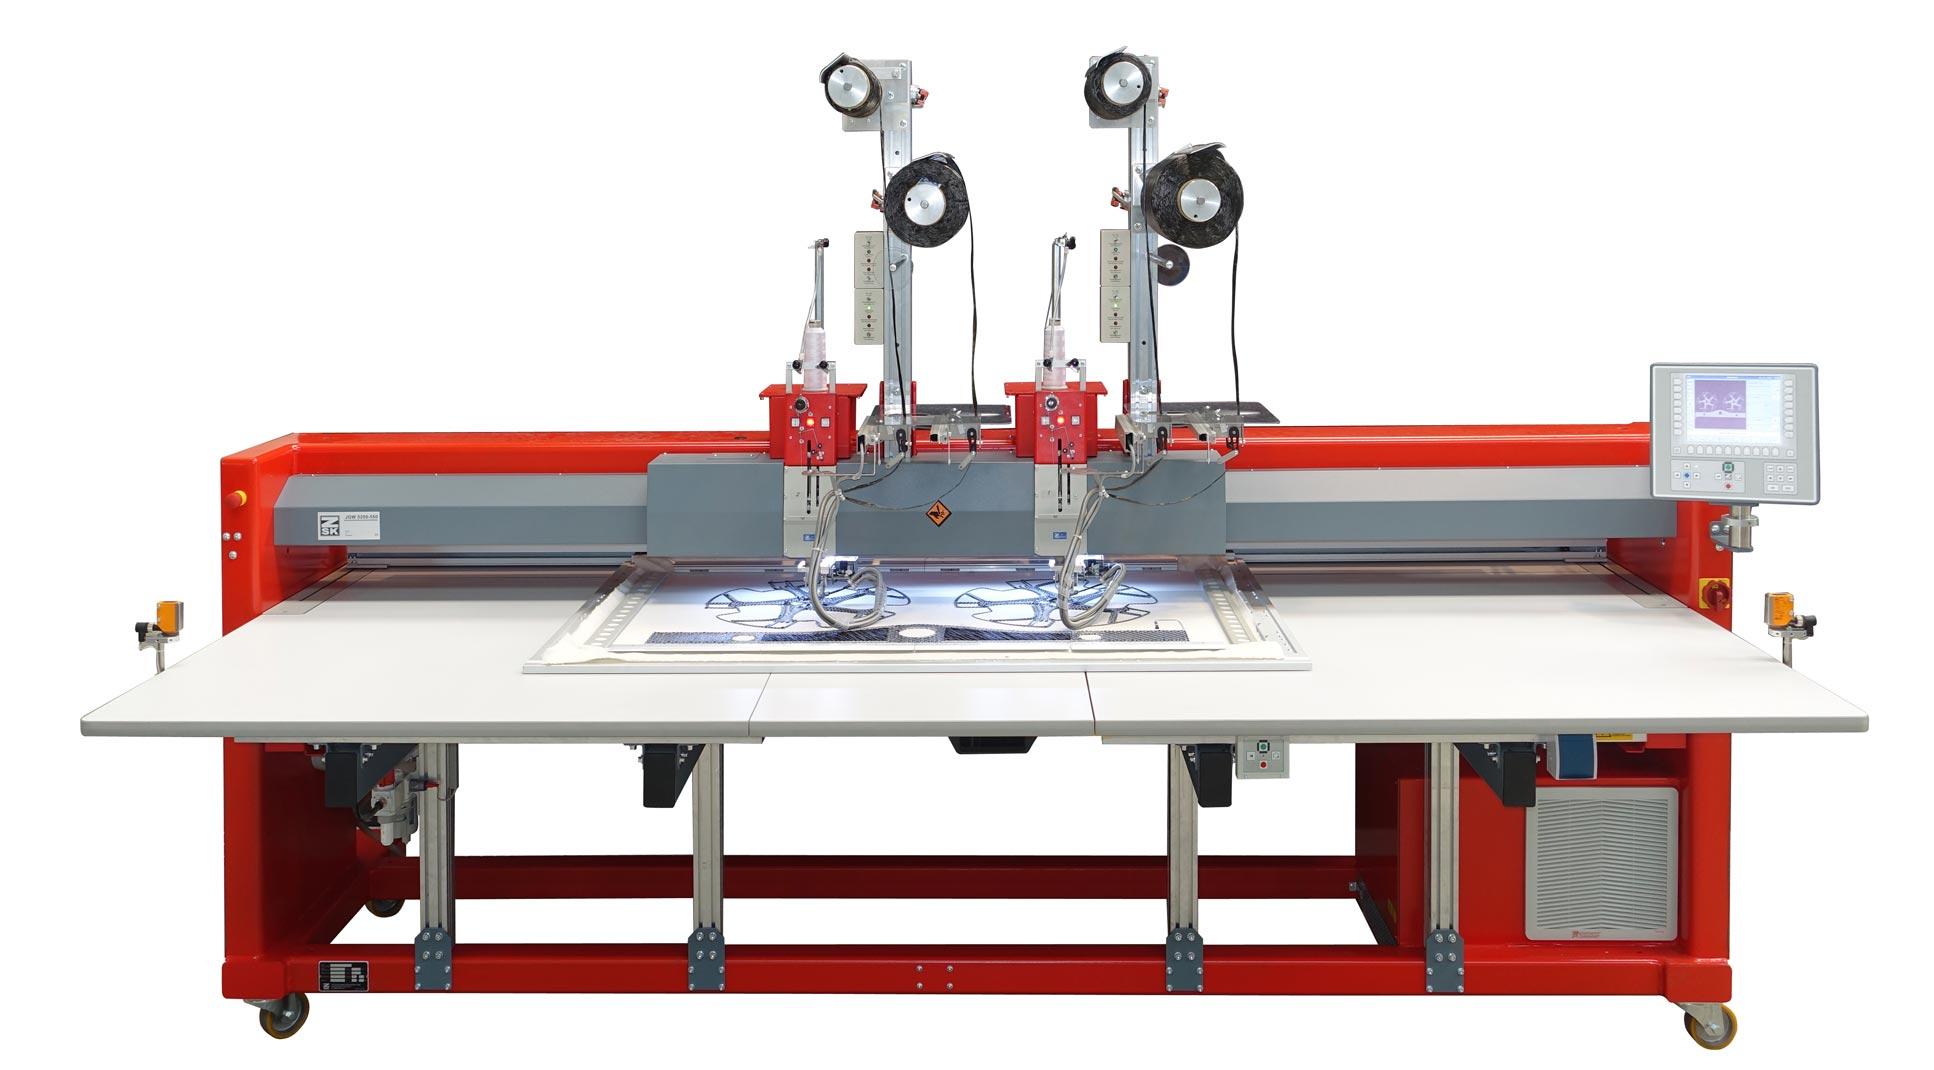 ZSK Technische Sticksystem JGW0200